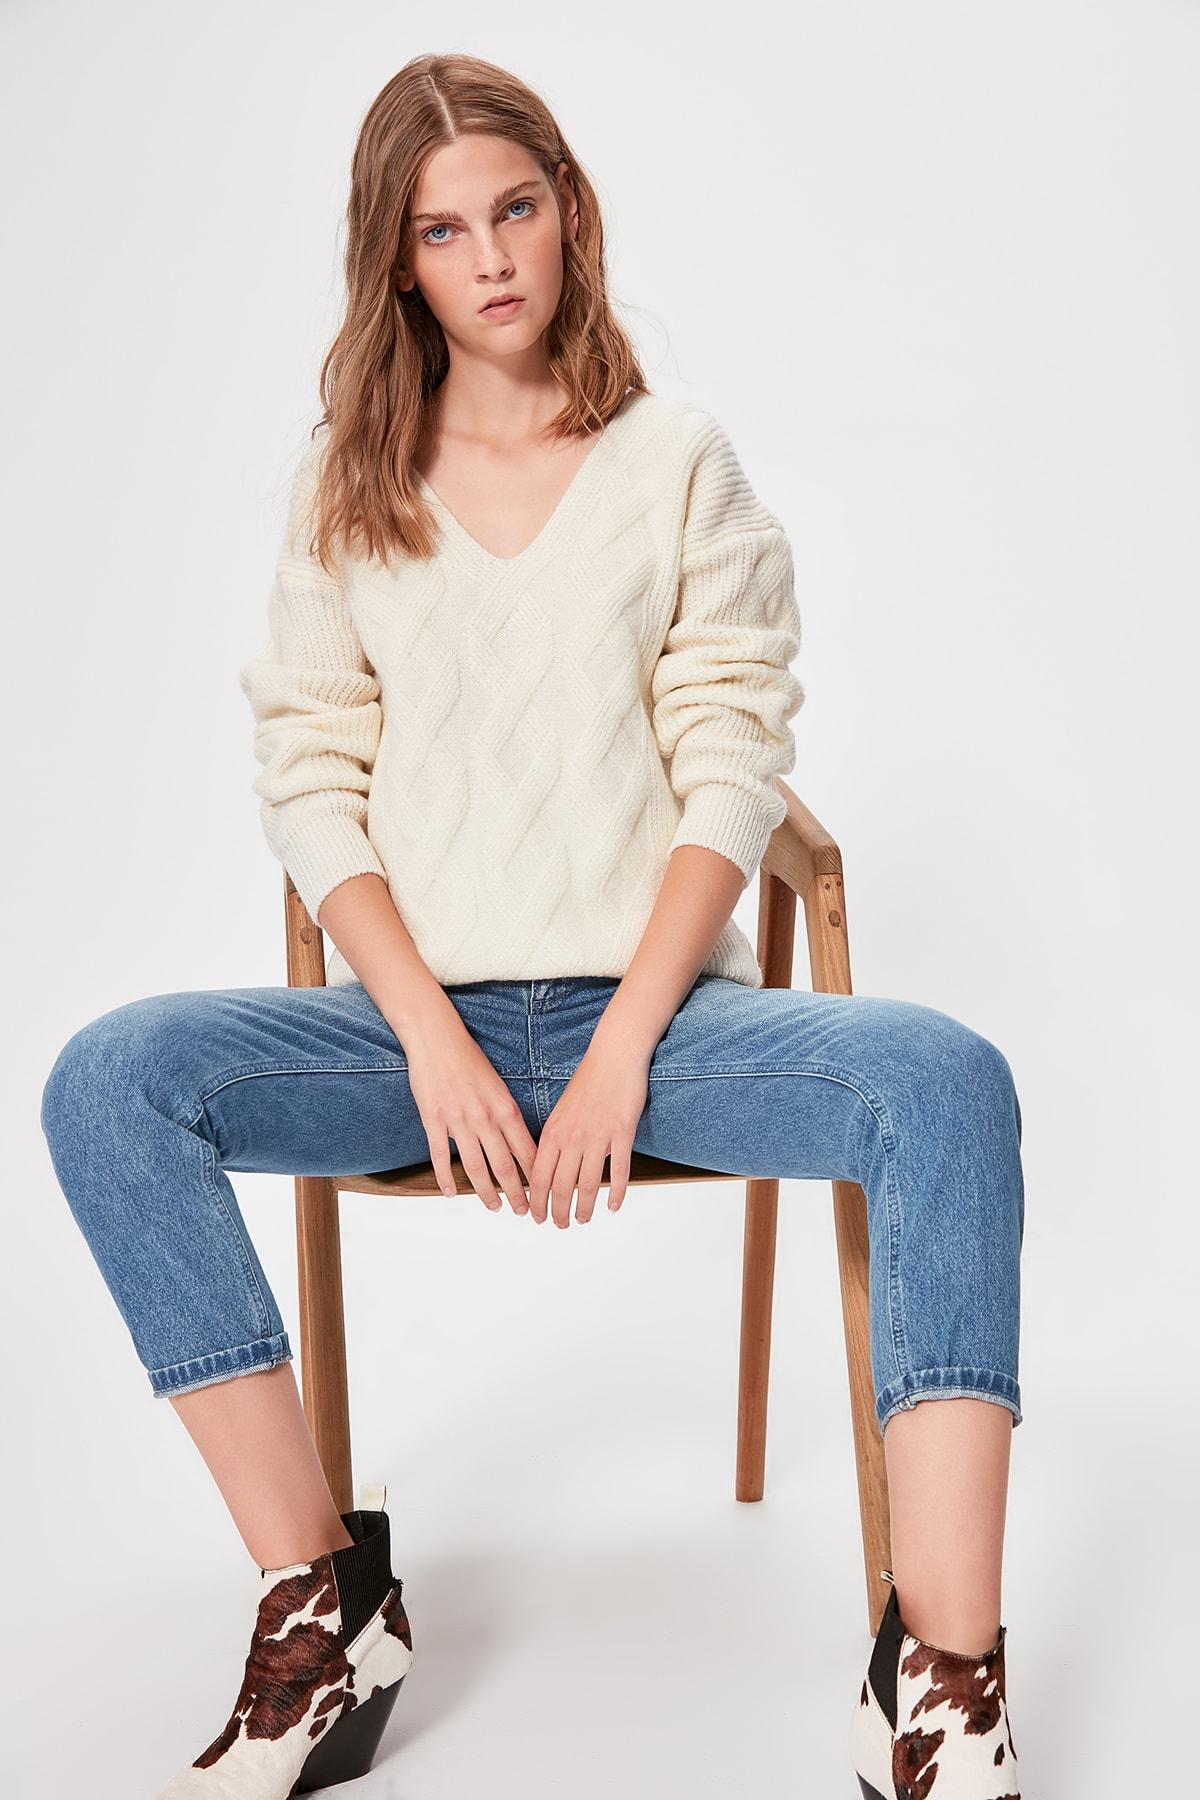 Trendyol Ecru Hair Braided V-Neck Knitwear Sweater TWOAW20KZ0582